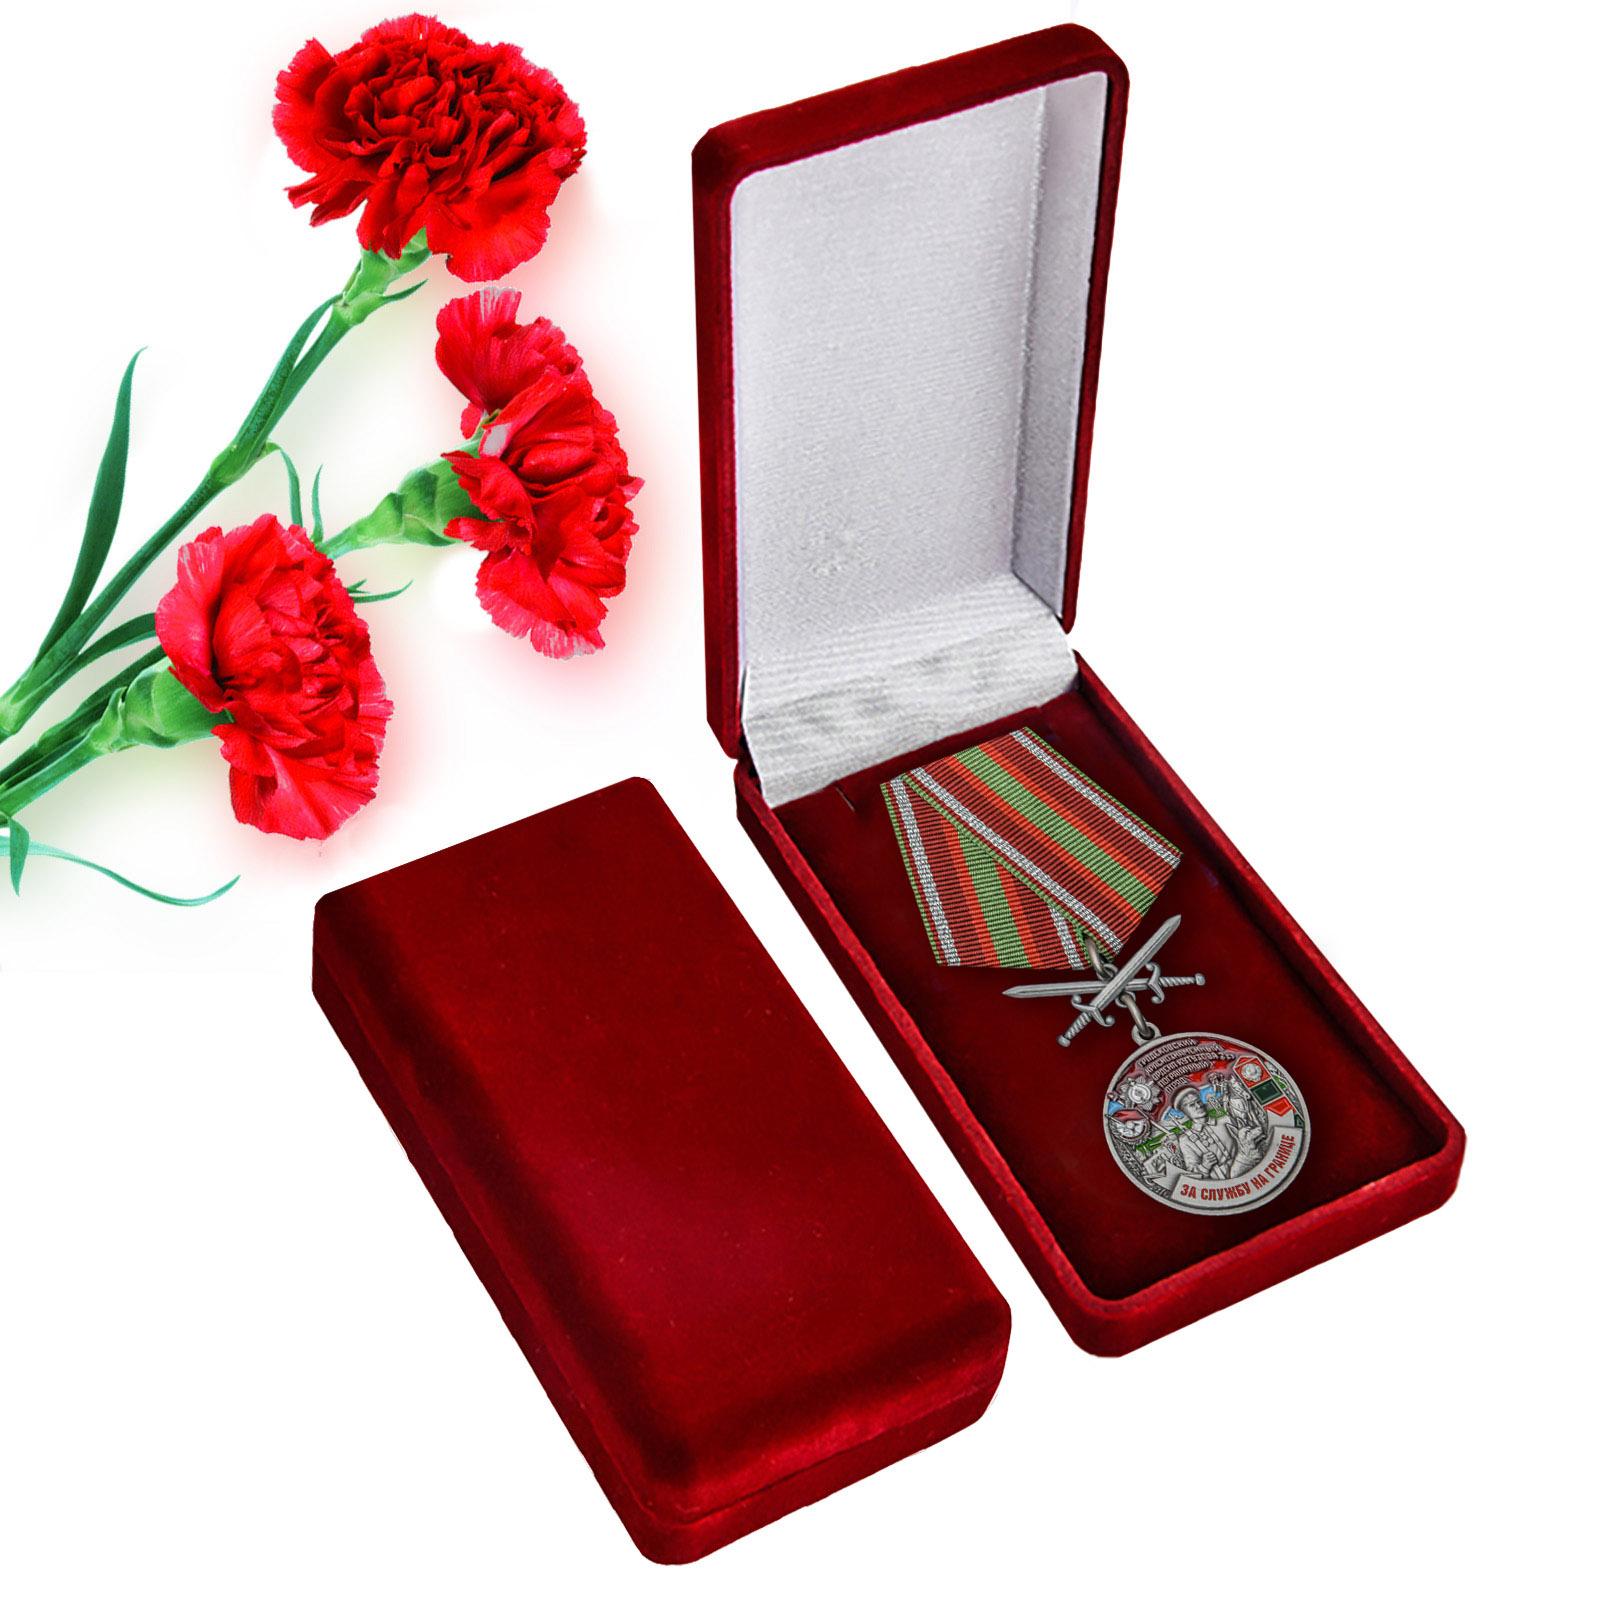 Купить медаль За службу на границе (Гродековский ПогО) в подарок